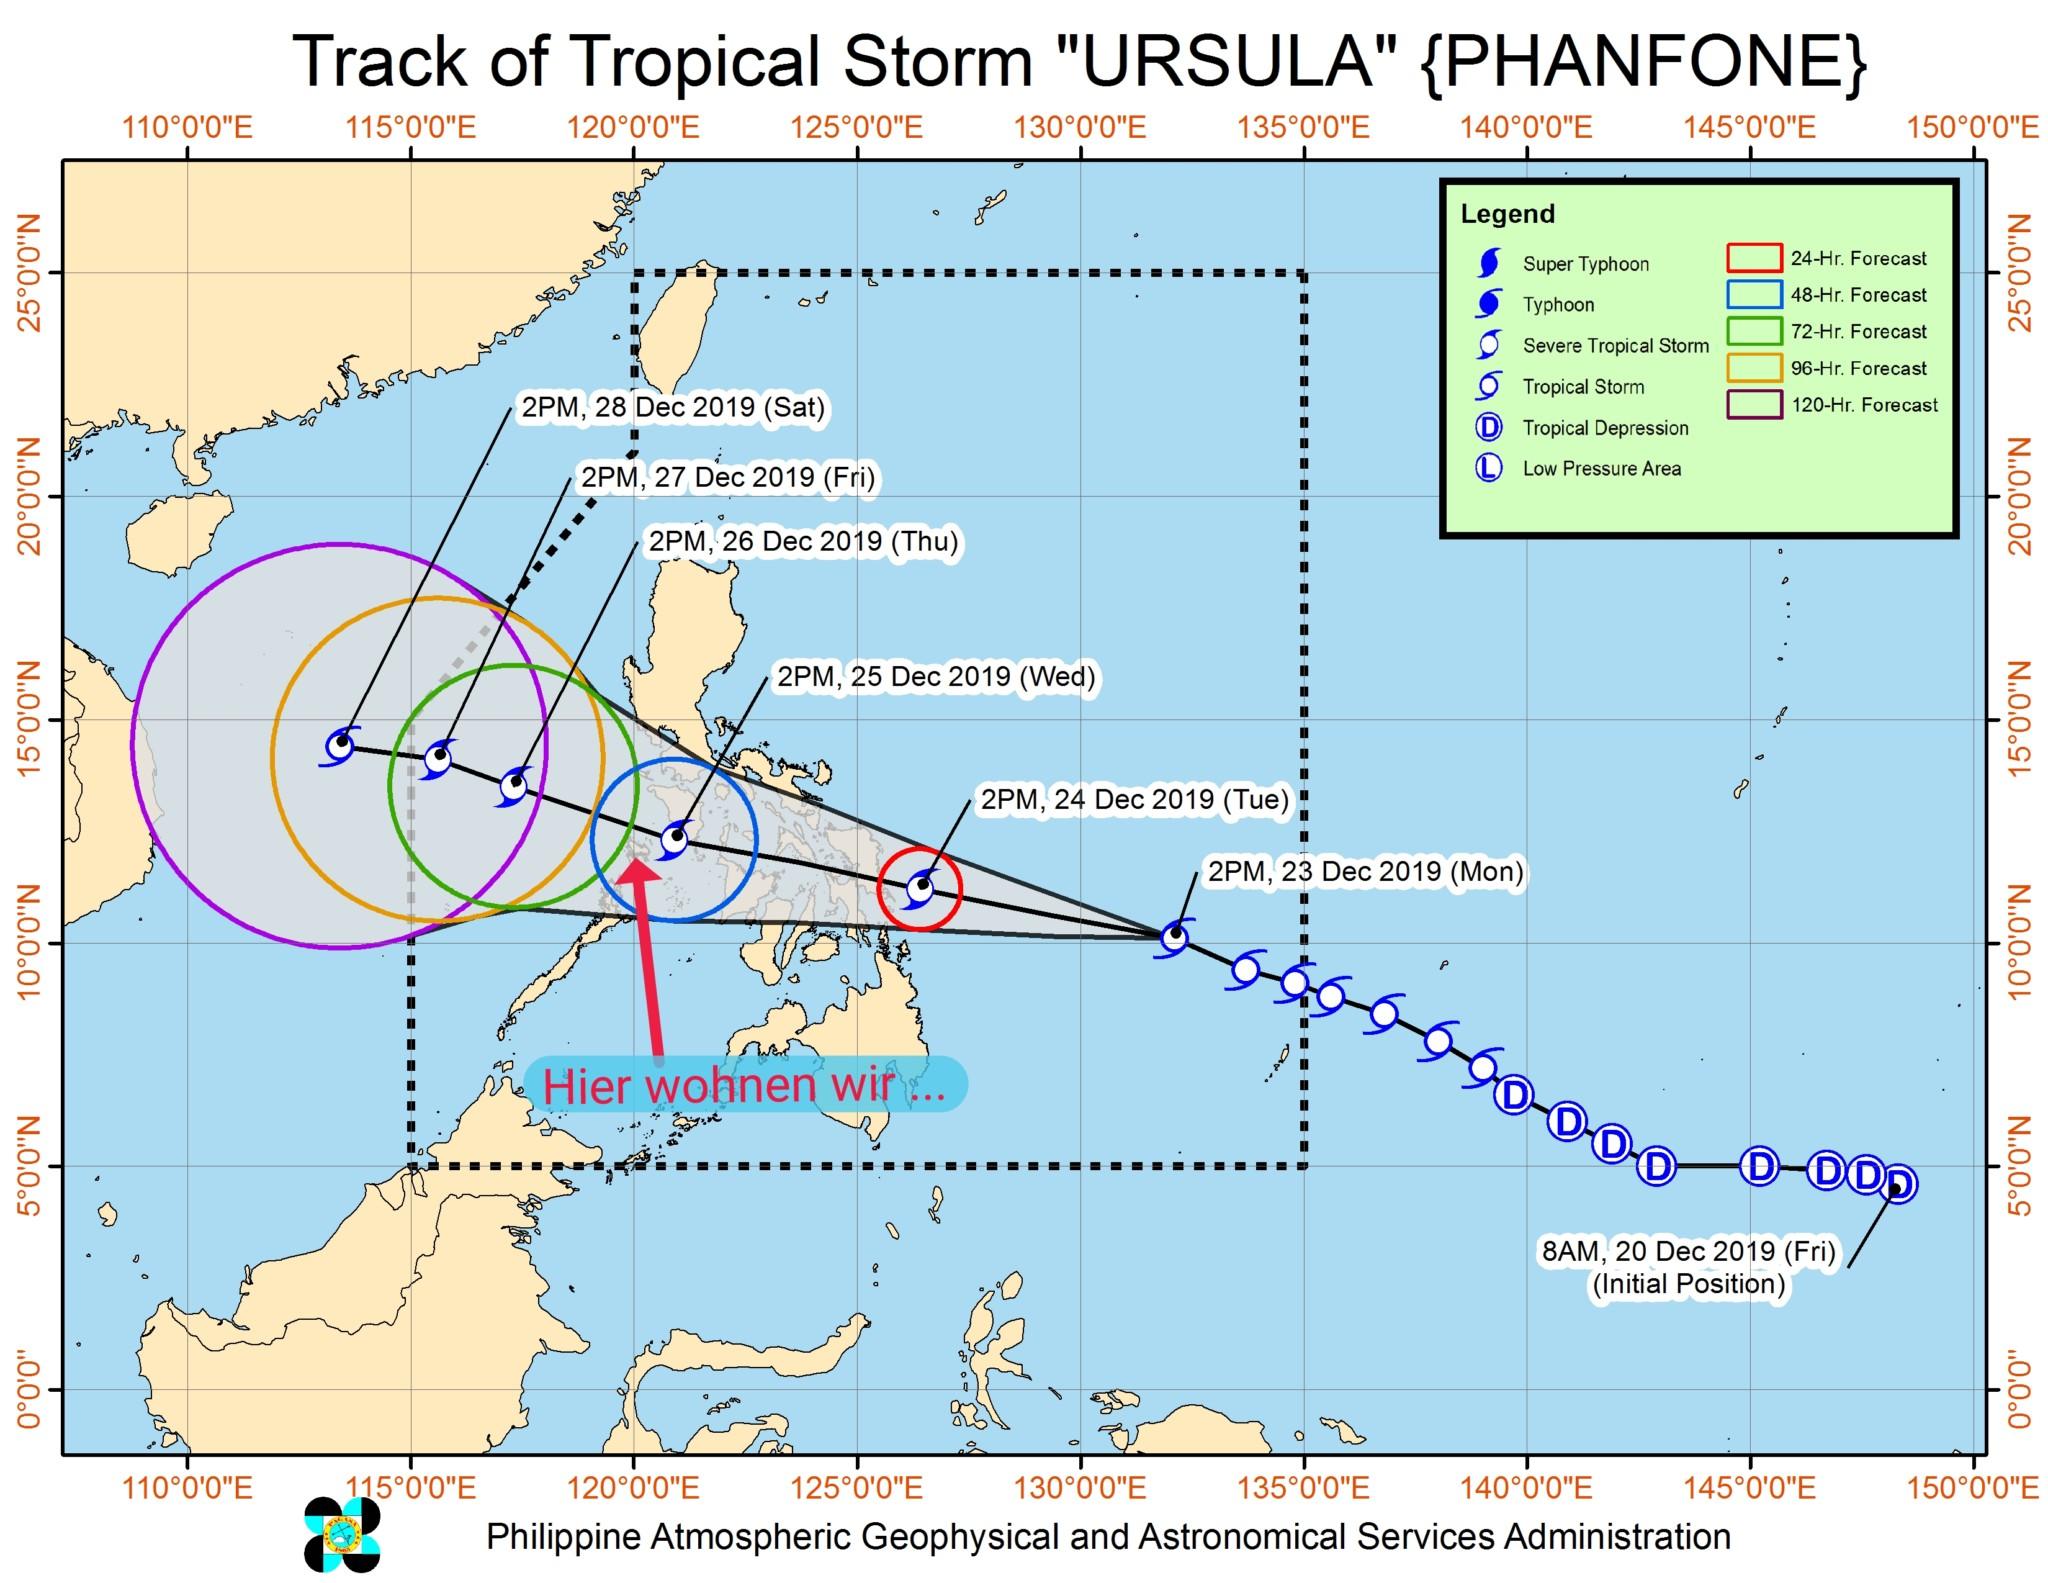 Taifun Ursula Philippinen Reiseberichte